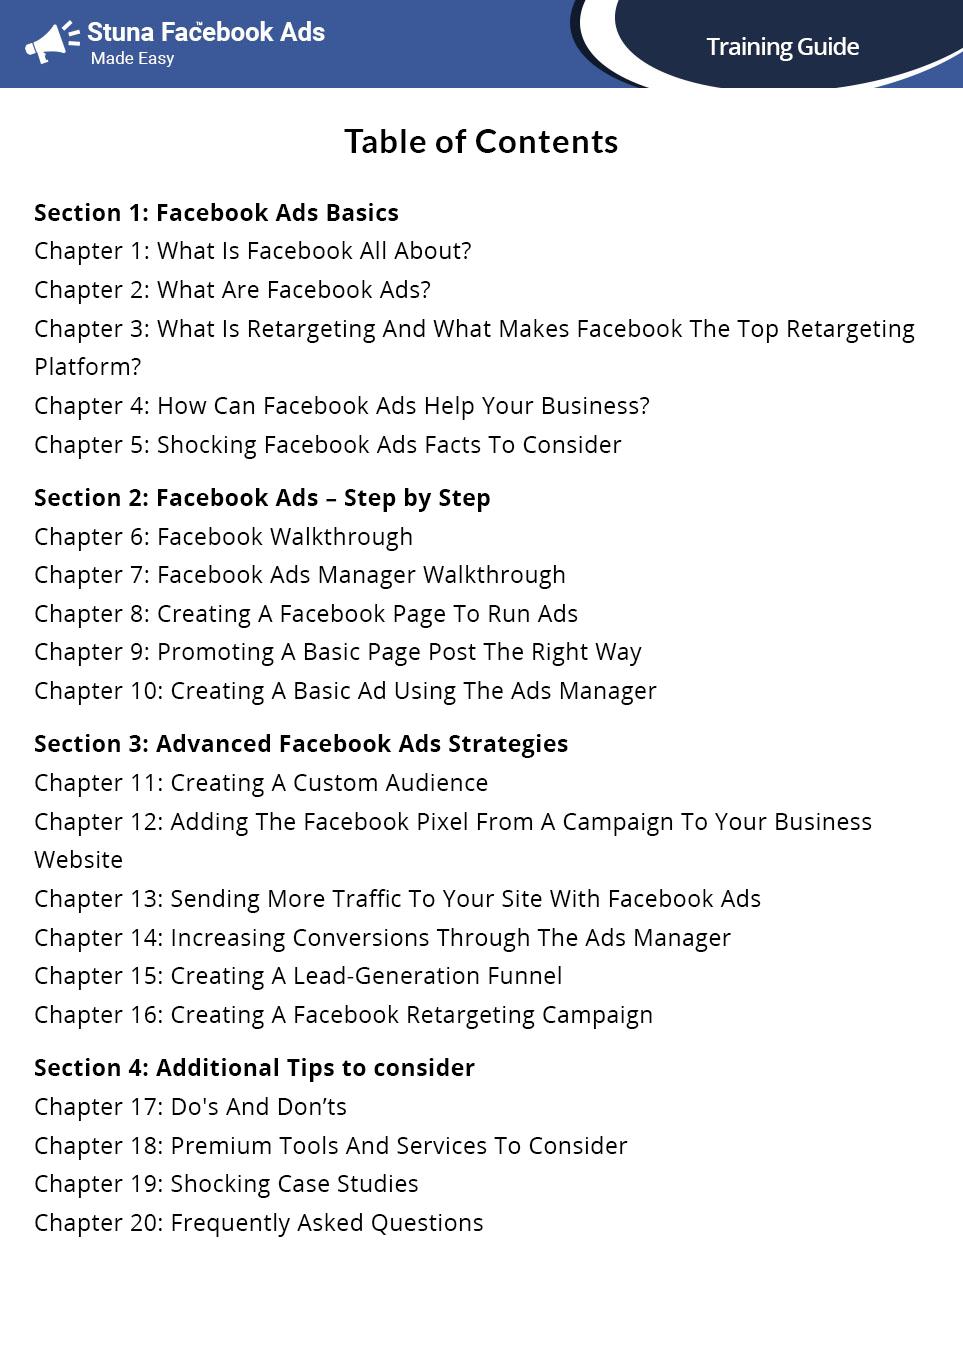 一步一步的Facebook Ads培训指南将带着教你如何容易地锁定指定类型的你正在寻找的人,并针对他们的位置,人口统计,和兴趣分析。(Stuna Facebook Ads Training Guide)